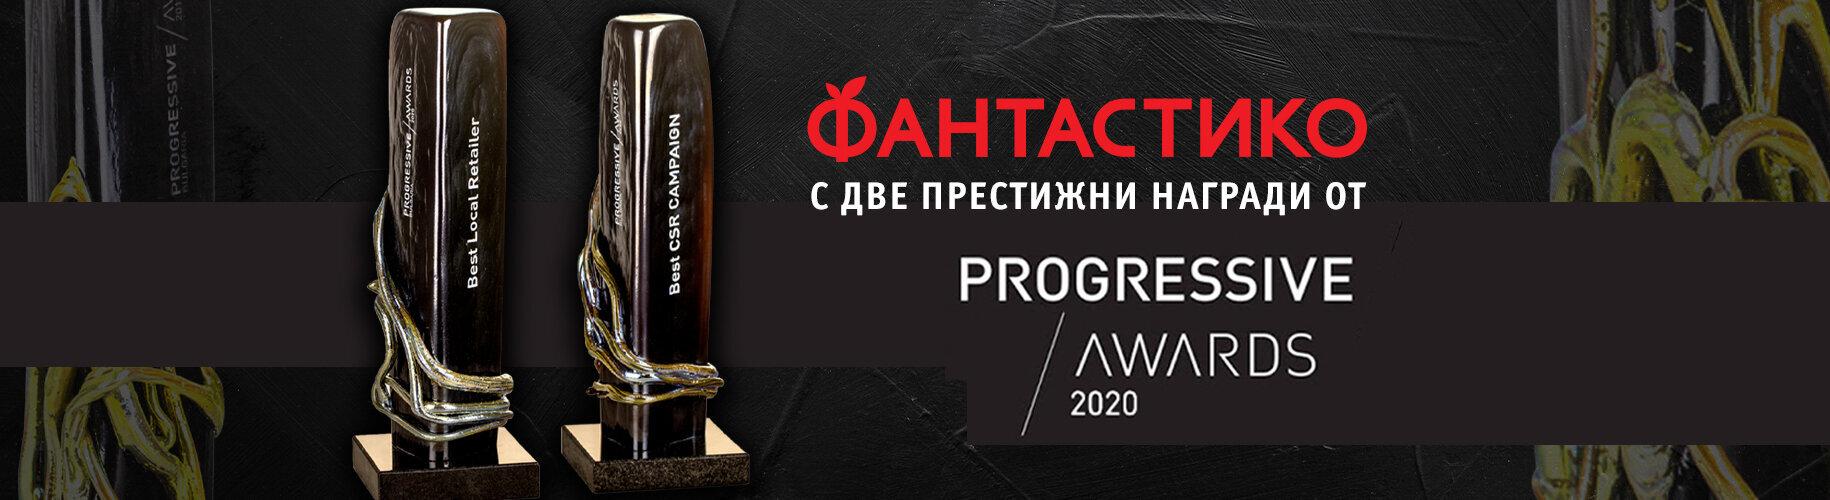 ФАНТАСТИКО с две престижни награди от PROGRRESSIVE AWARDS 2020